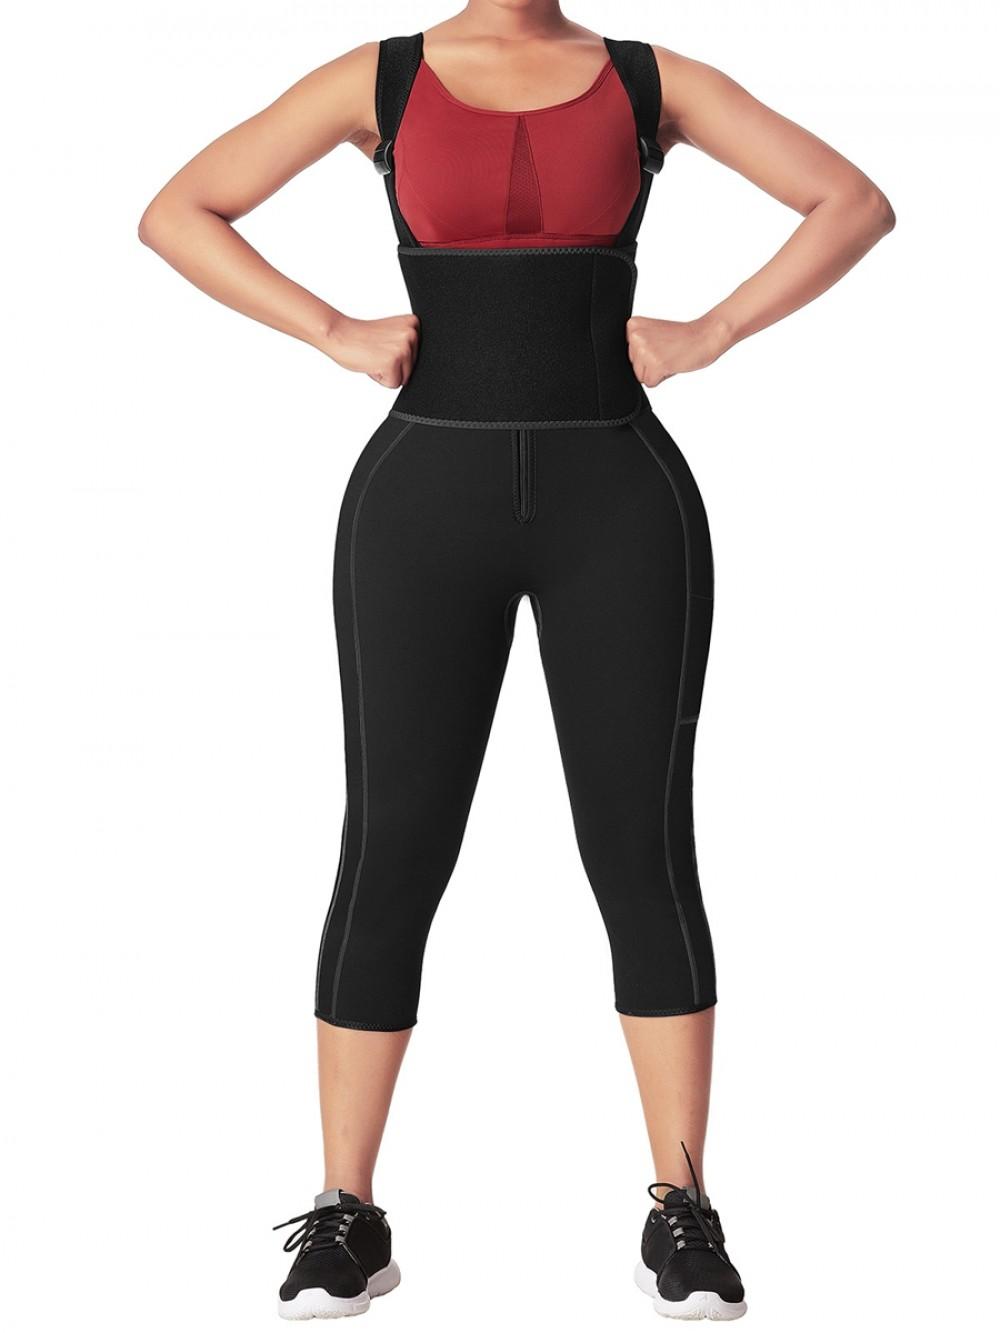 Black Neoprene Full Body Shaper Zipper With Adjustable Straps Fat Burning